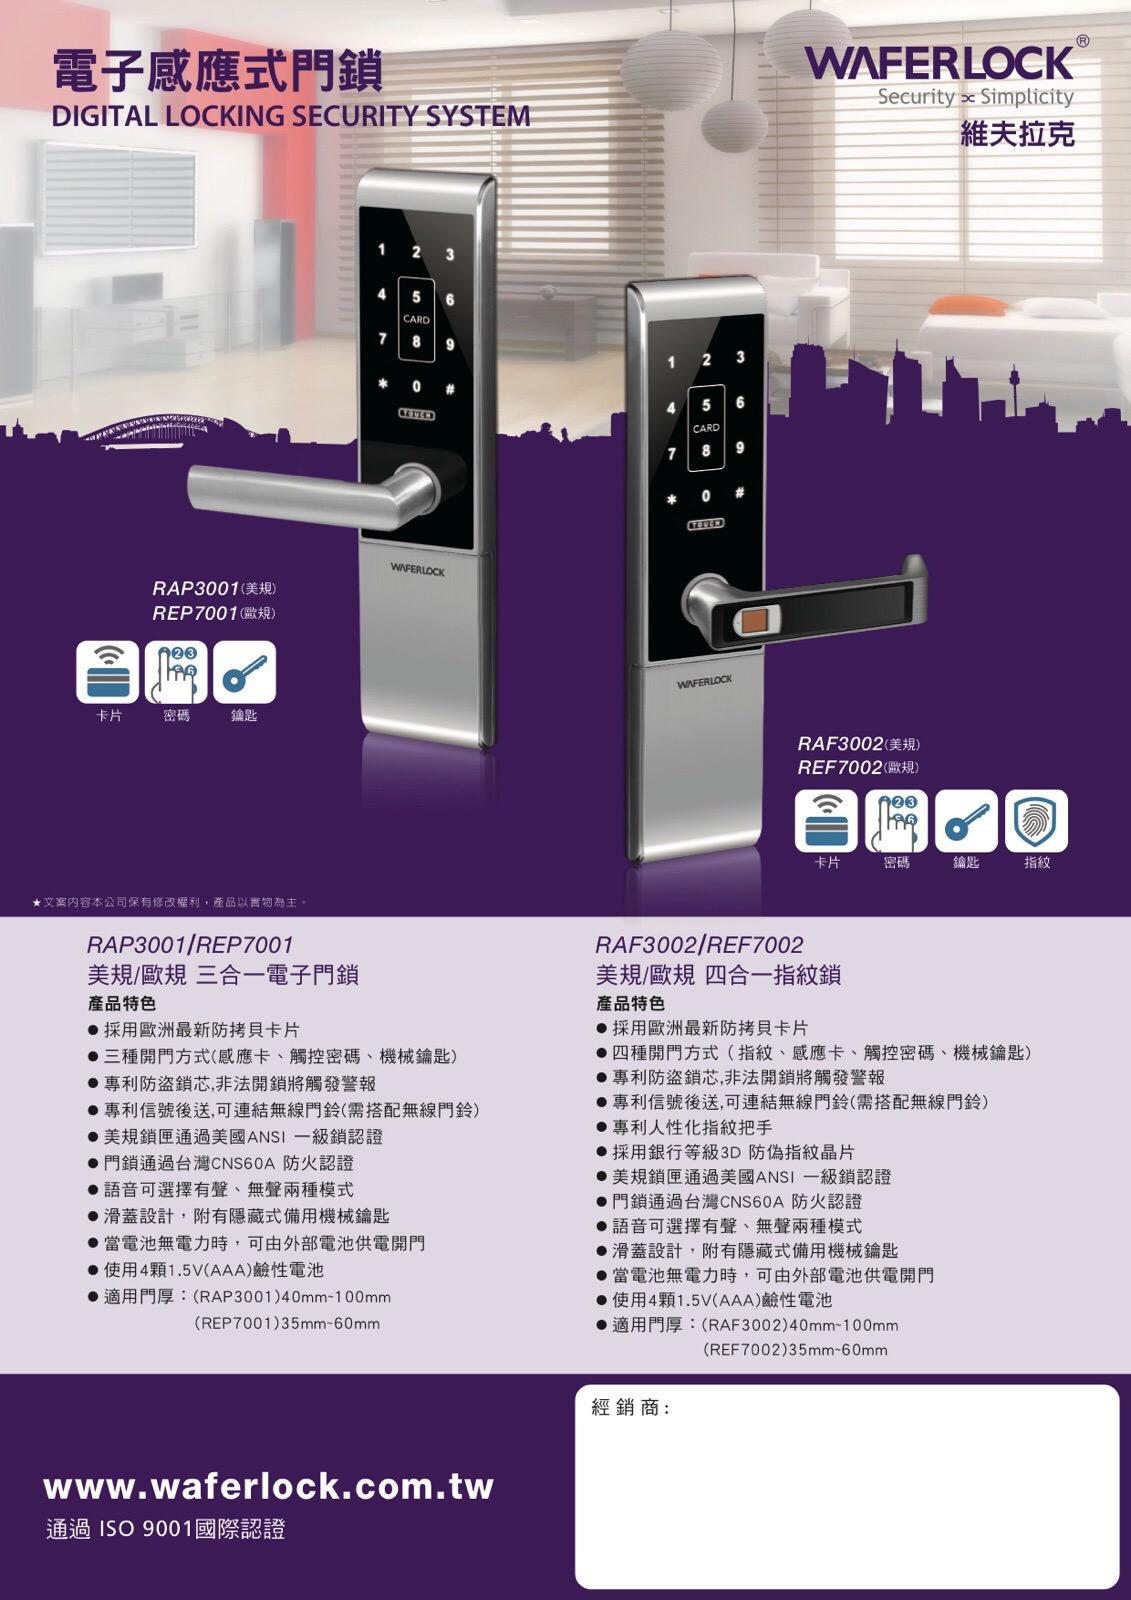 維夫拉克WEL-3700 感應卡/ 密碼 /鑰匙 /電子鎖